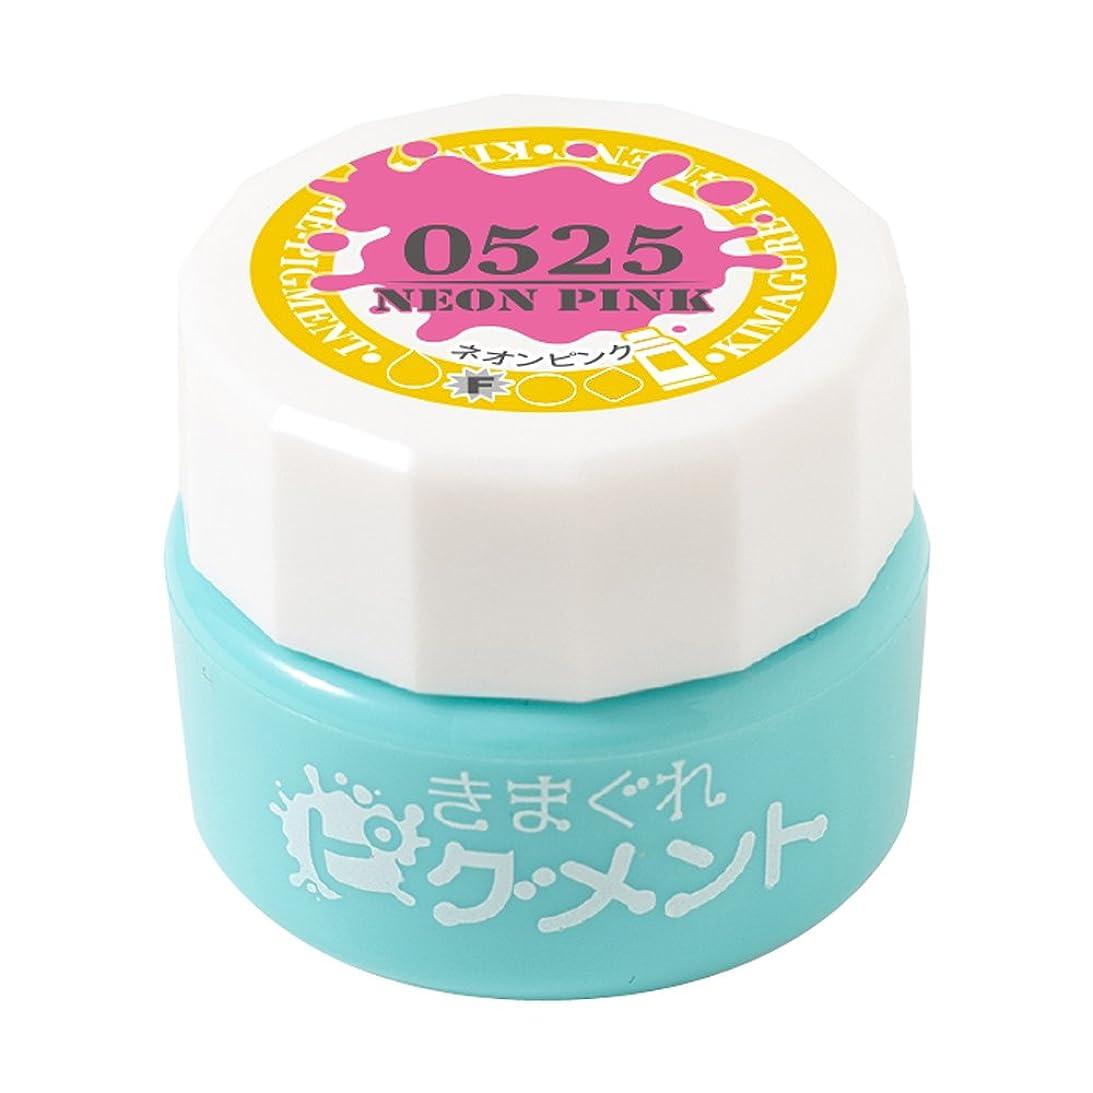 旅行展示会生息地Bettygel きまぐれピグメント ネオンピンク QYJ-0525 4g UV/LED対応